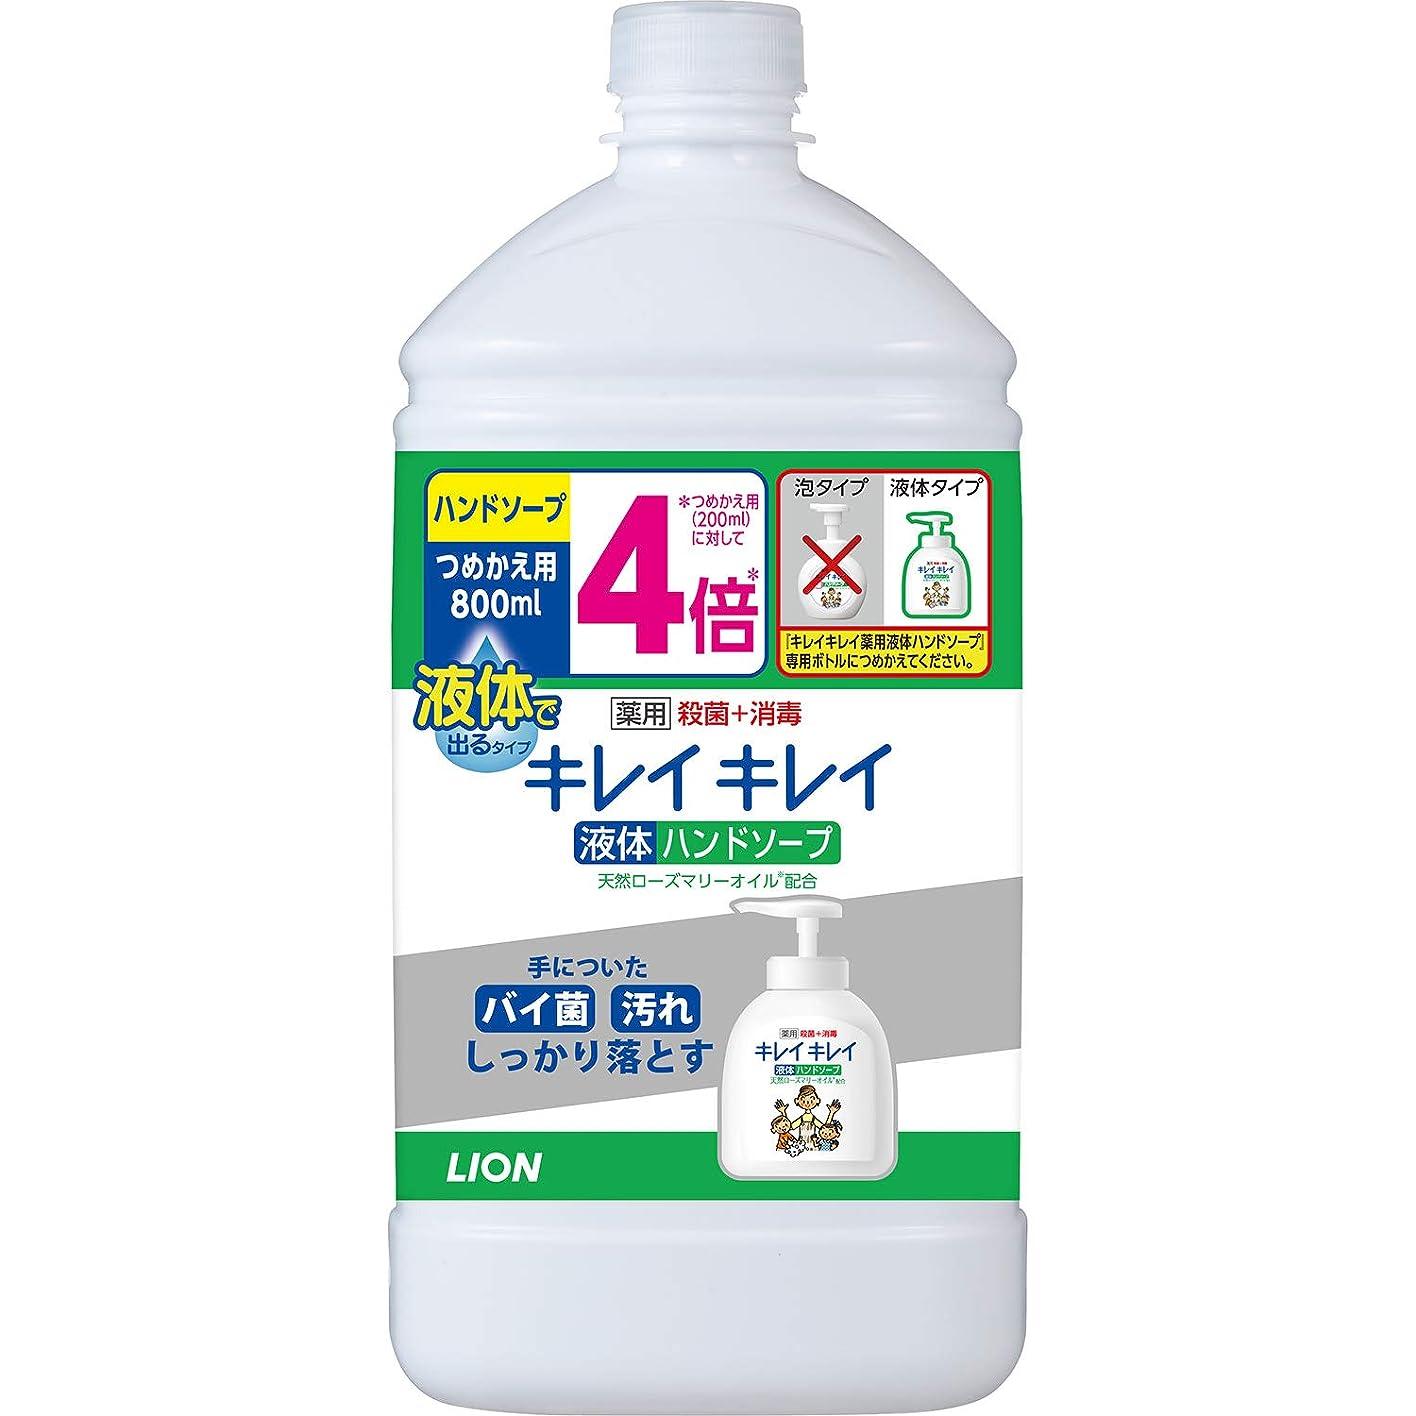 不器用遠洋のハーネス(医薬部外品)【大容量】キレイキレイ 薬用 液体ハンドソープ 詰替特大 800ml